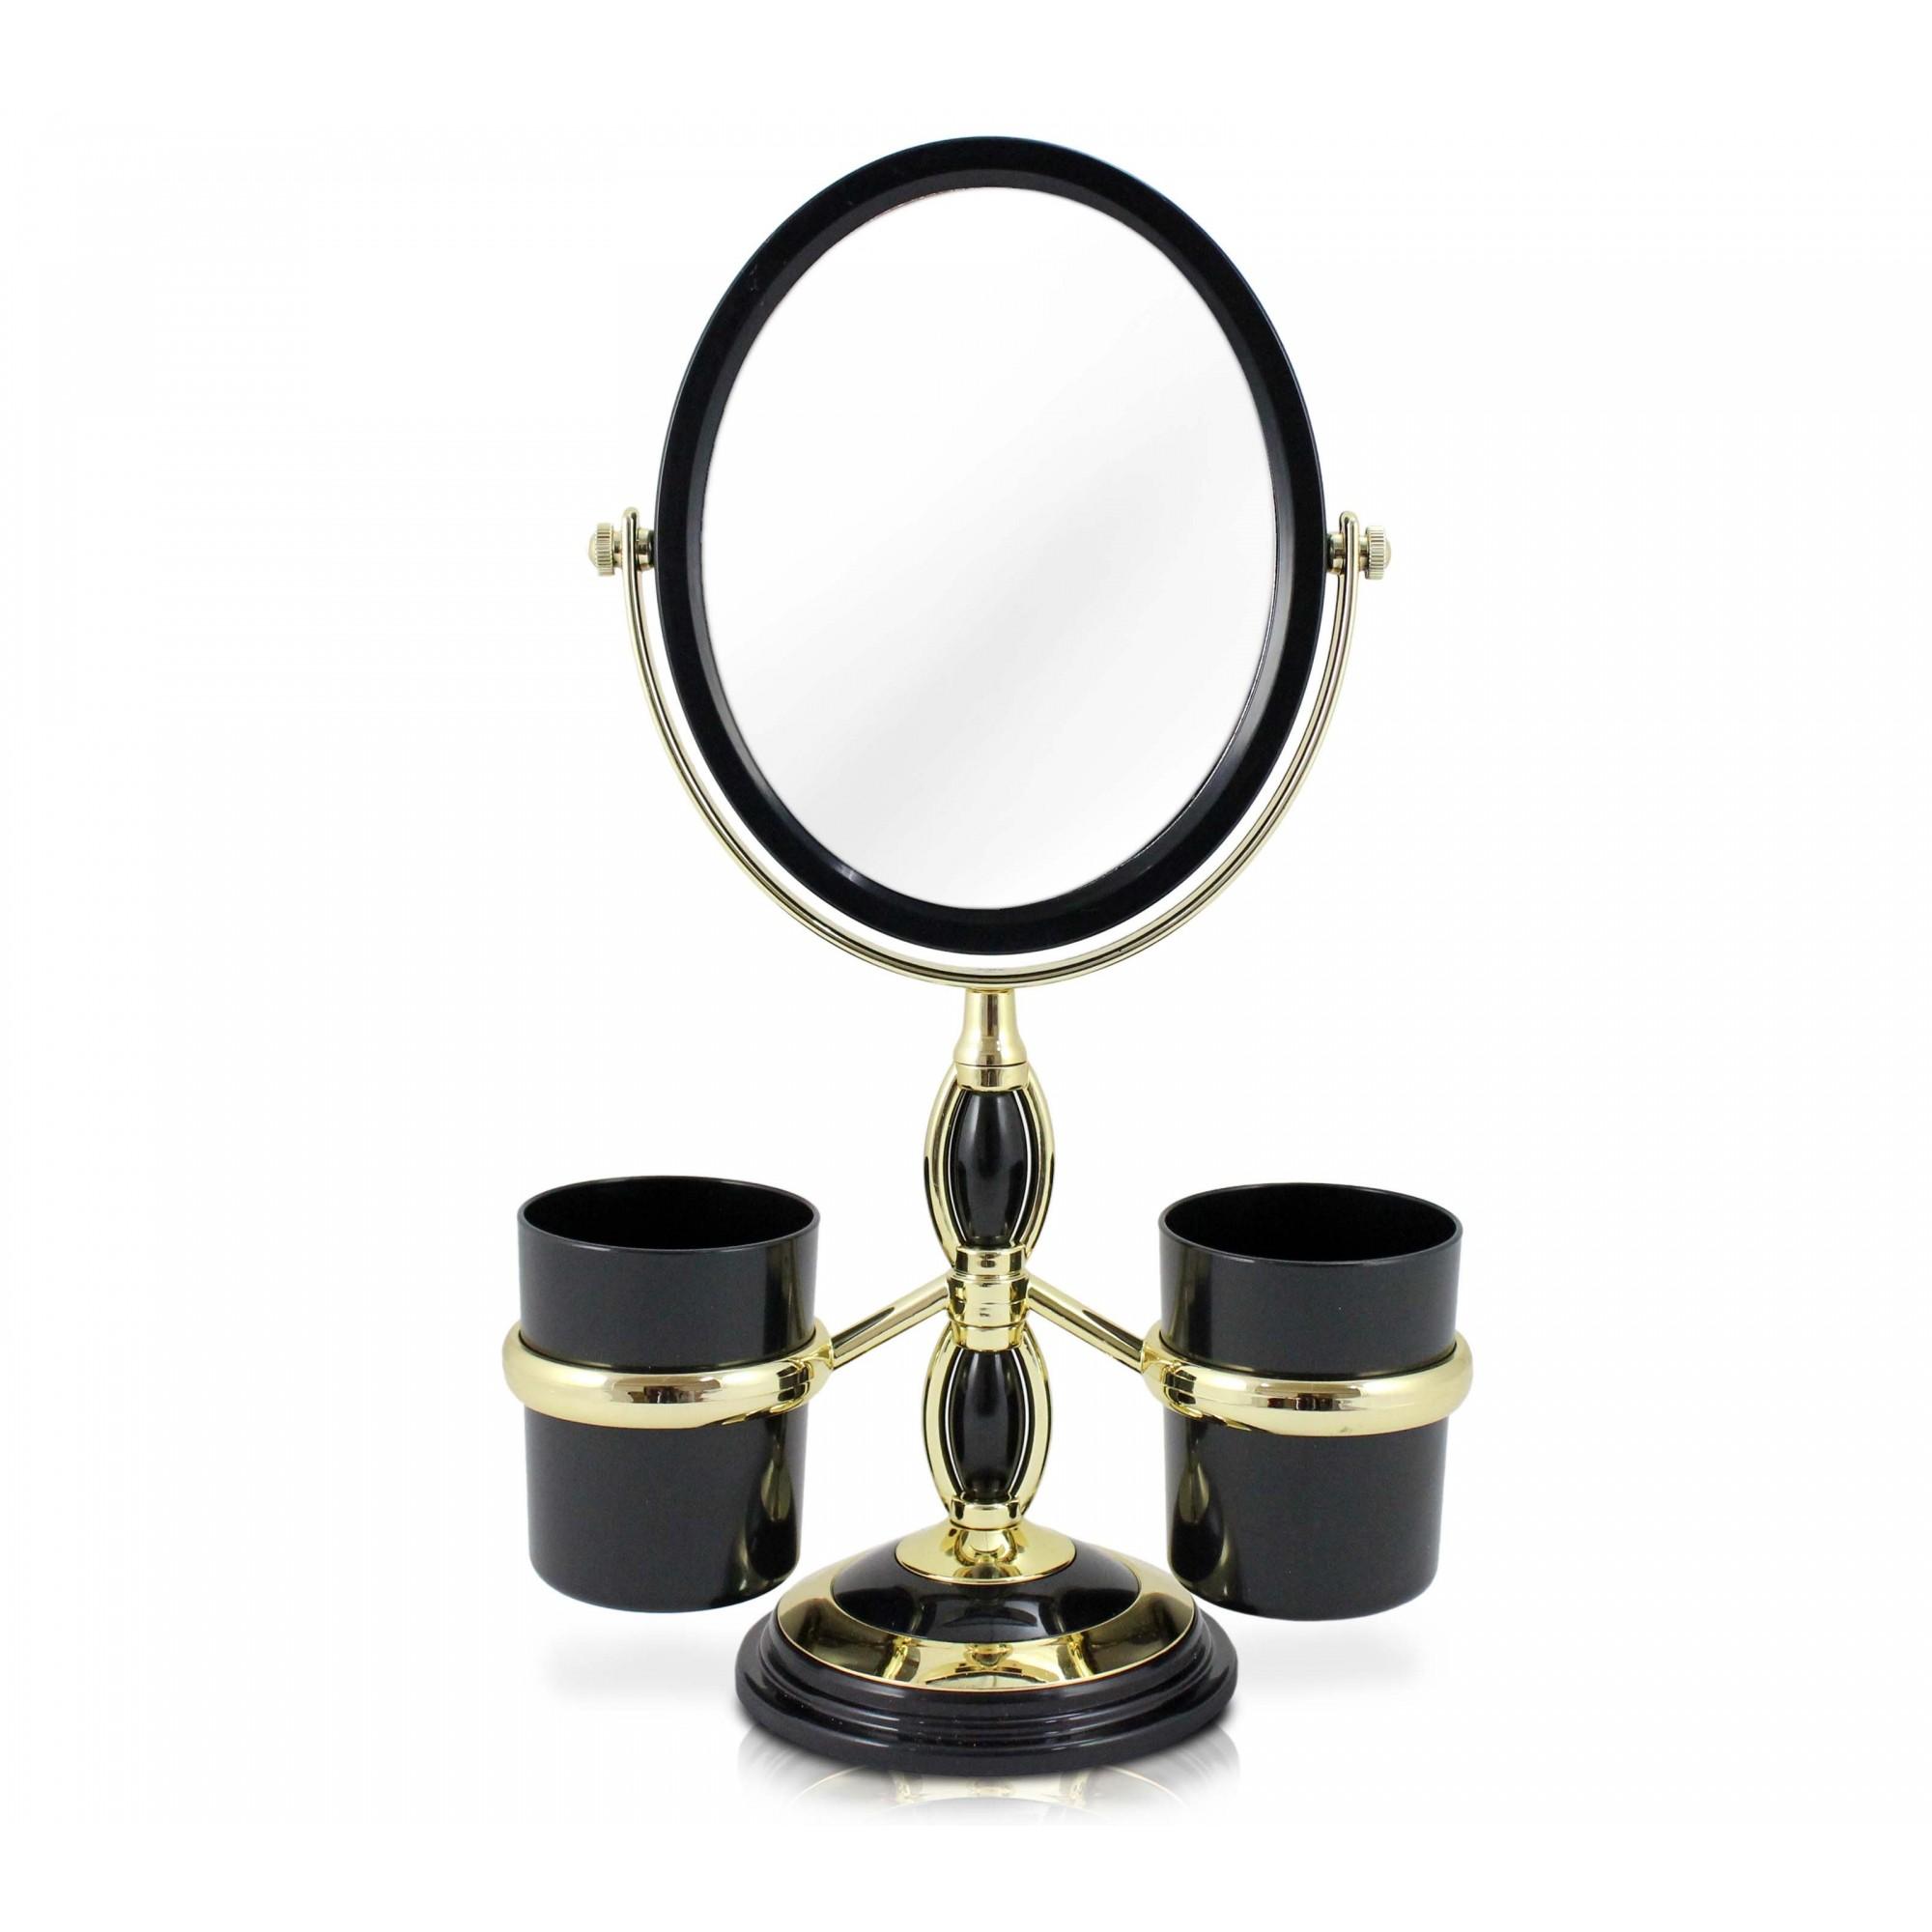 Espelho de Bancada com  Suportes Laterais - Jacki Design